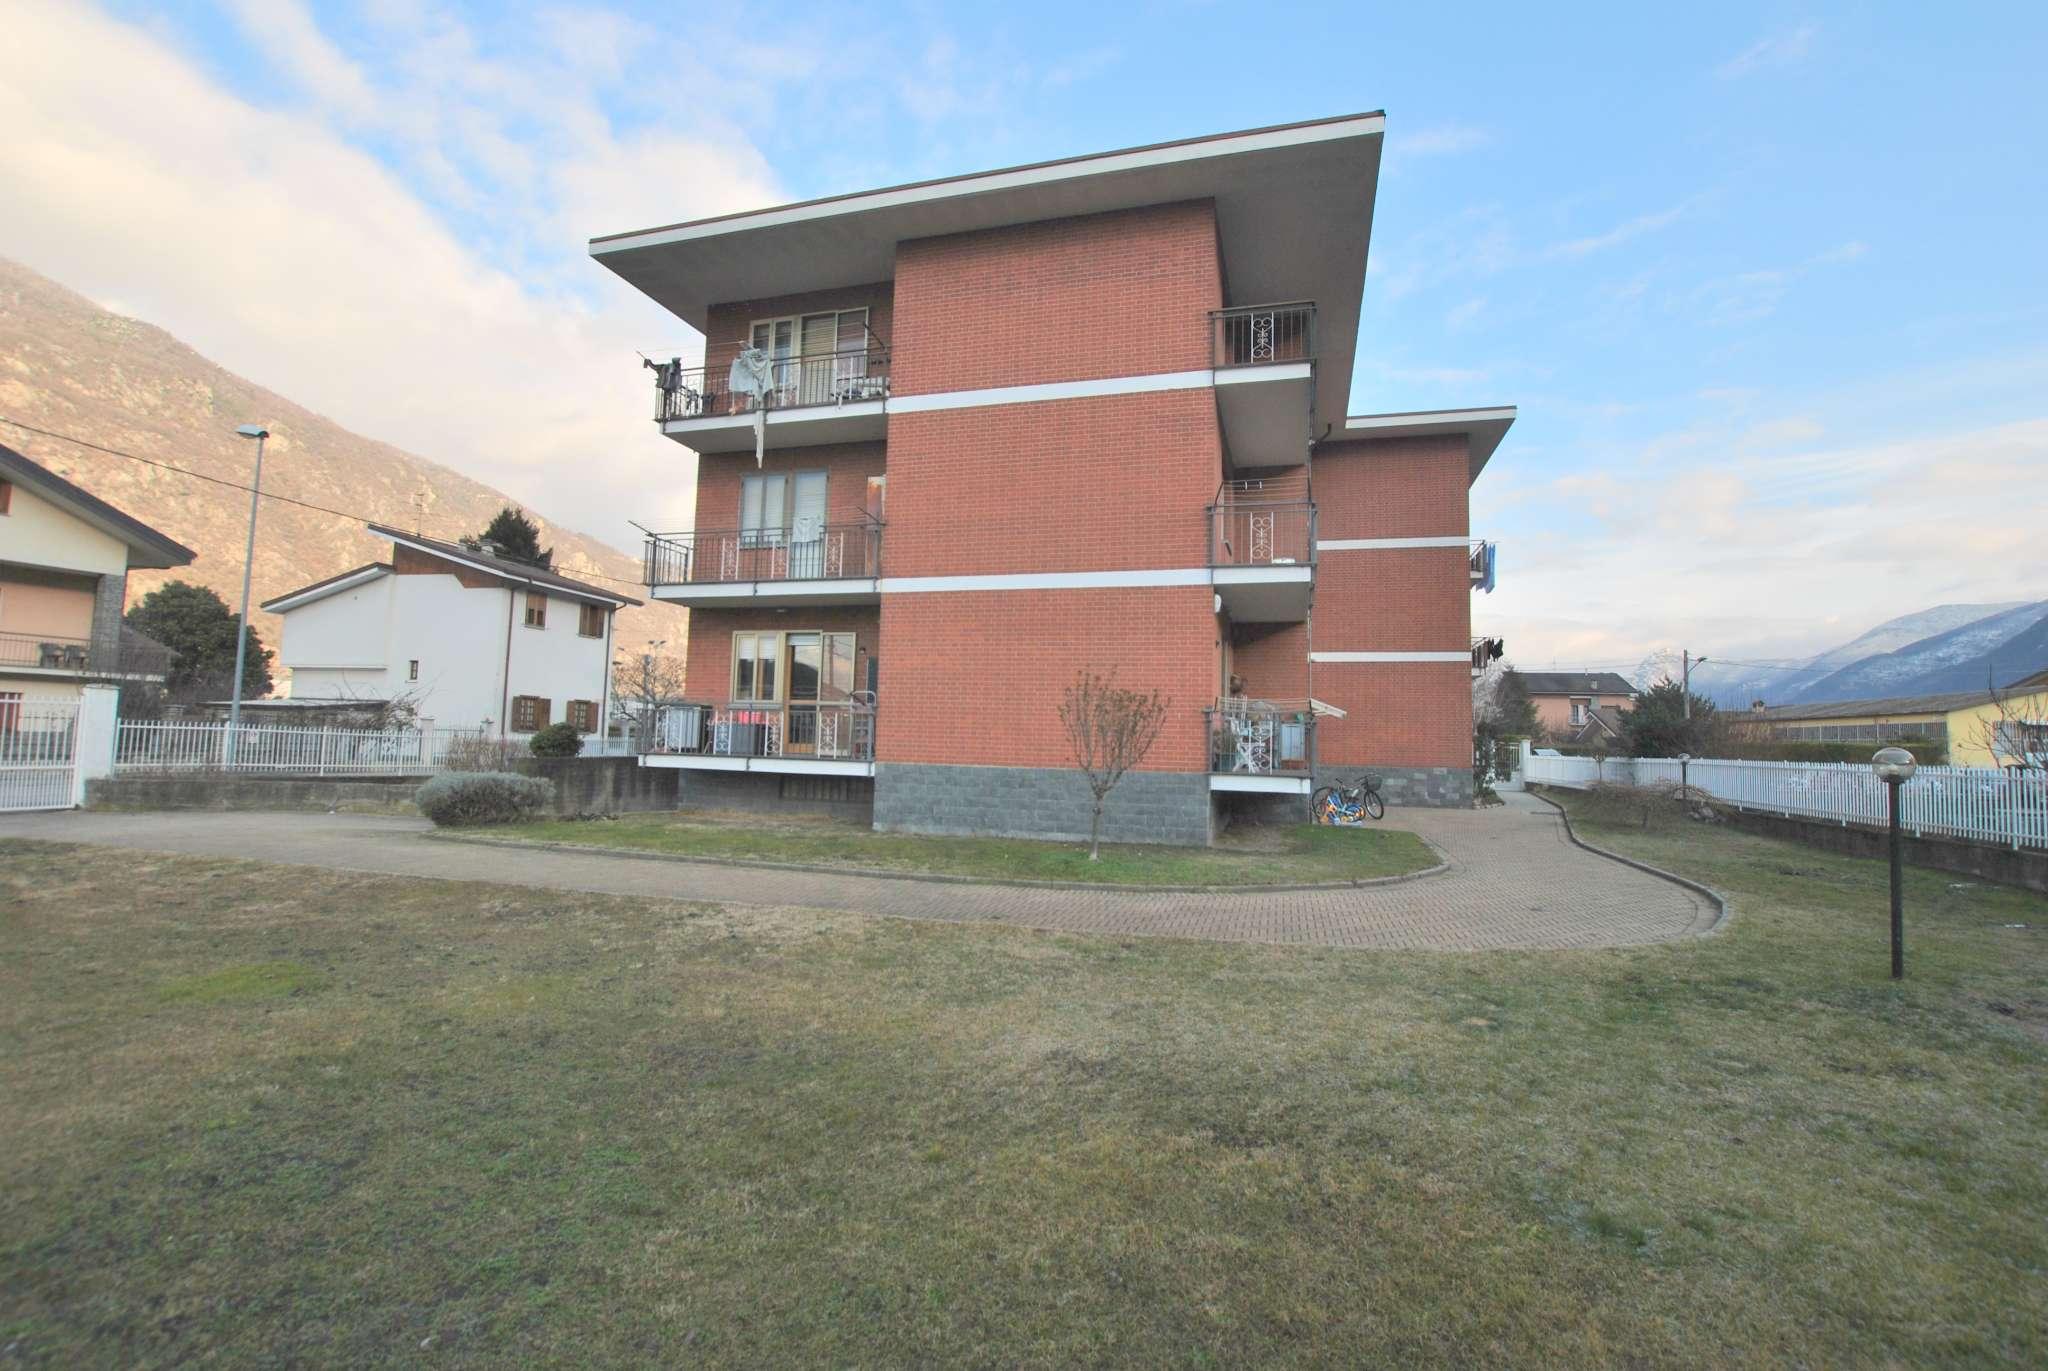 Appartamento in vendita a Sant'Antonino di Susa, 4 locali, prezzo € 99.000   CambioCasa.it